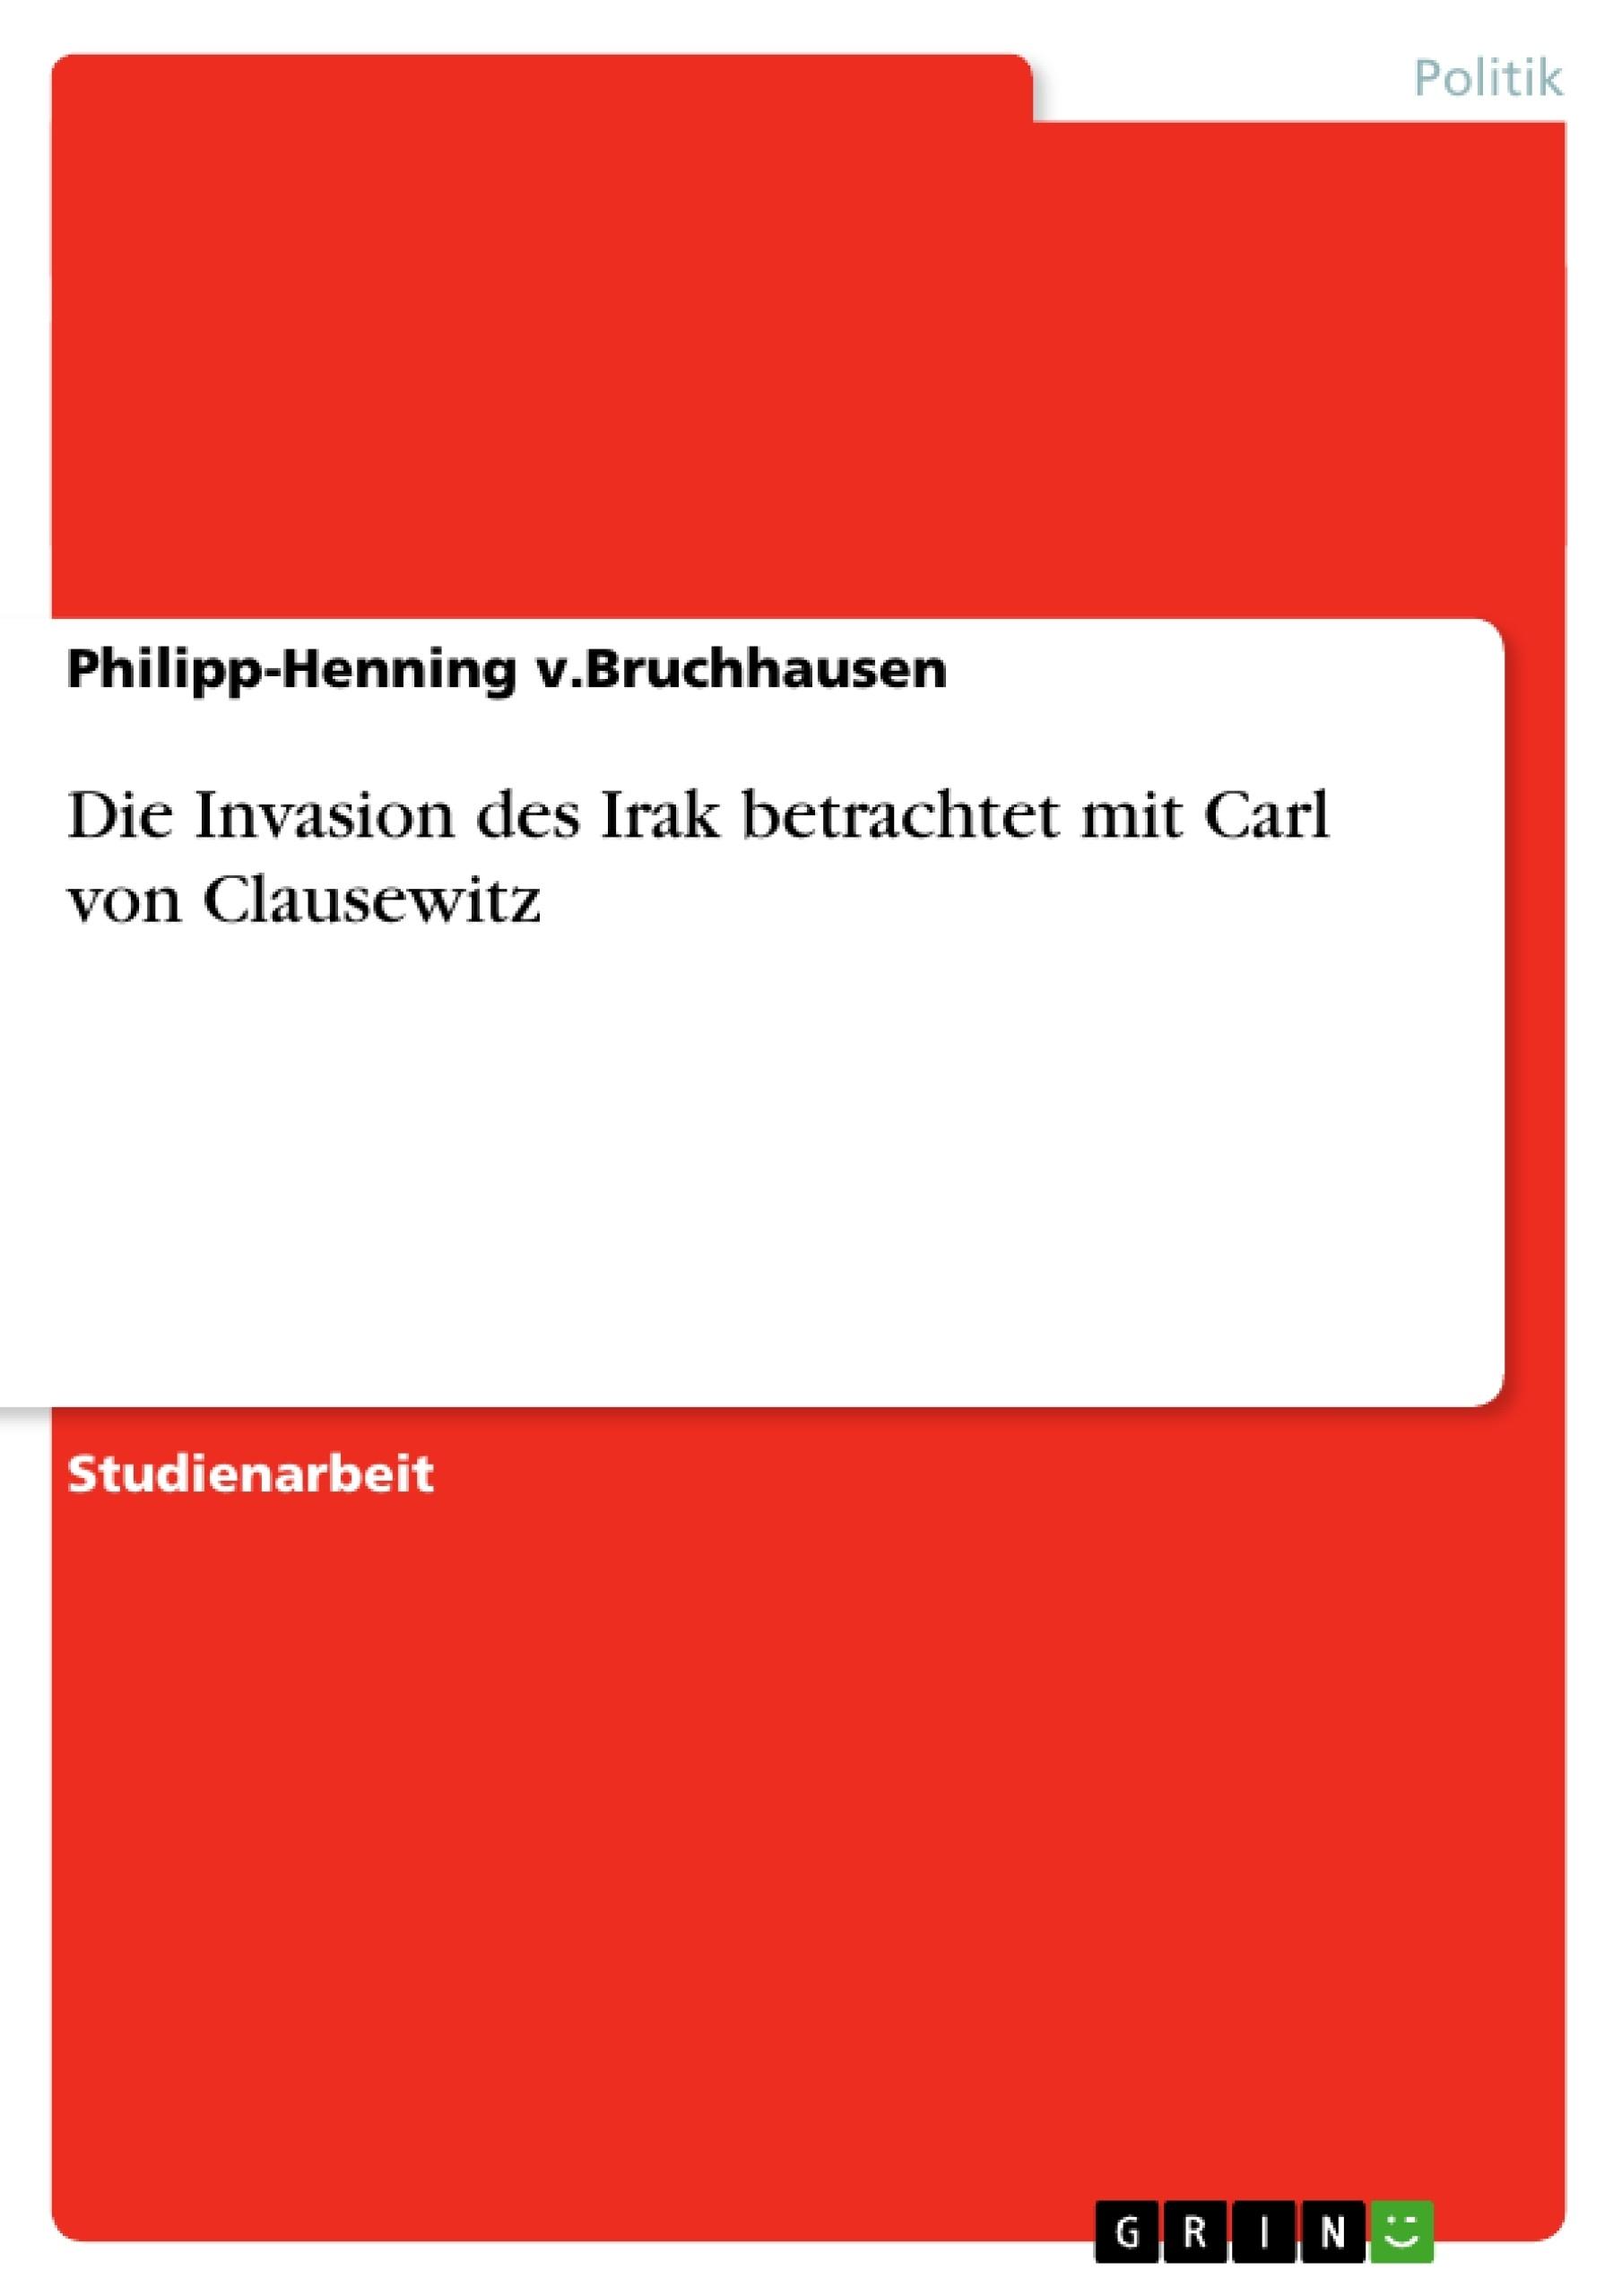 Titel: Die Invasion des Irak betrachtet mit Carl von Clausewitz